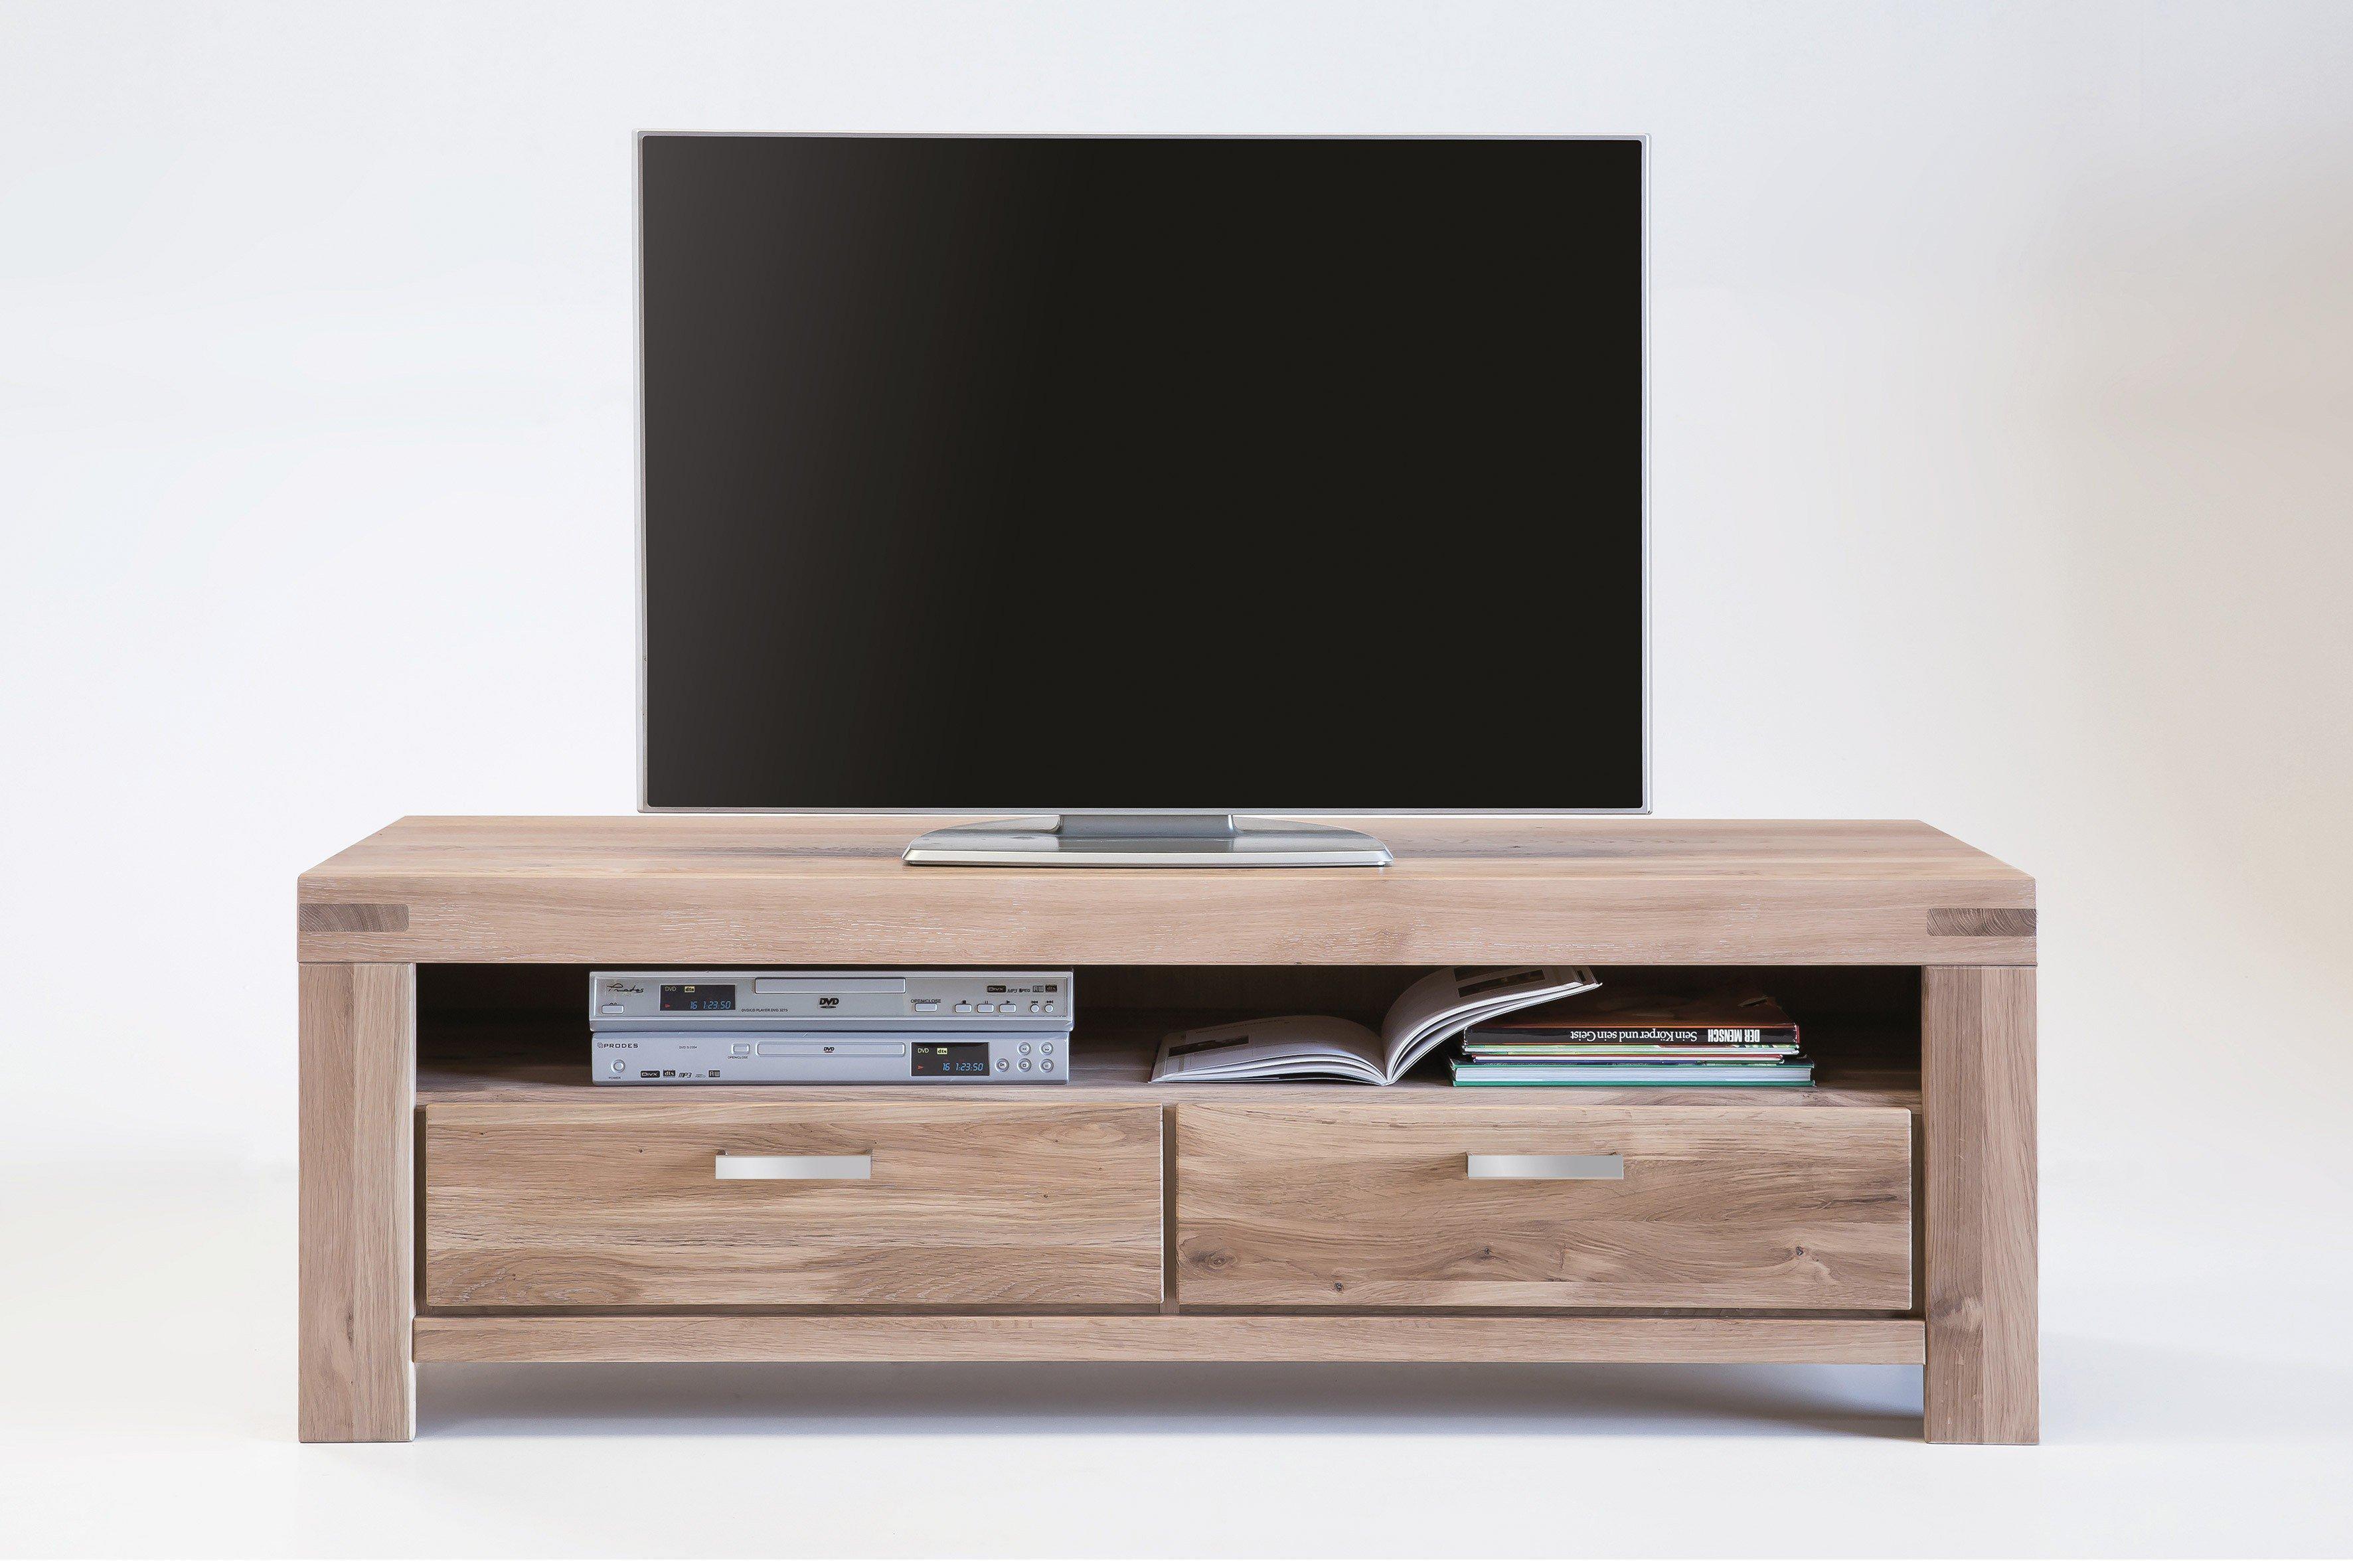 Möbel Online Kaufen Erfahrungen Domina Möbel Wohnwand Panorama Mit